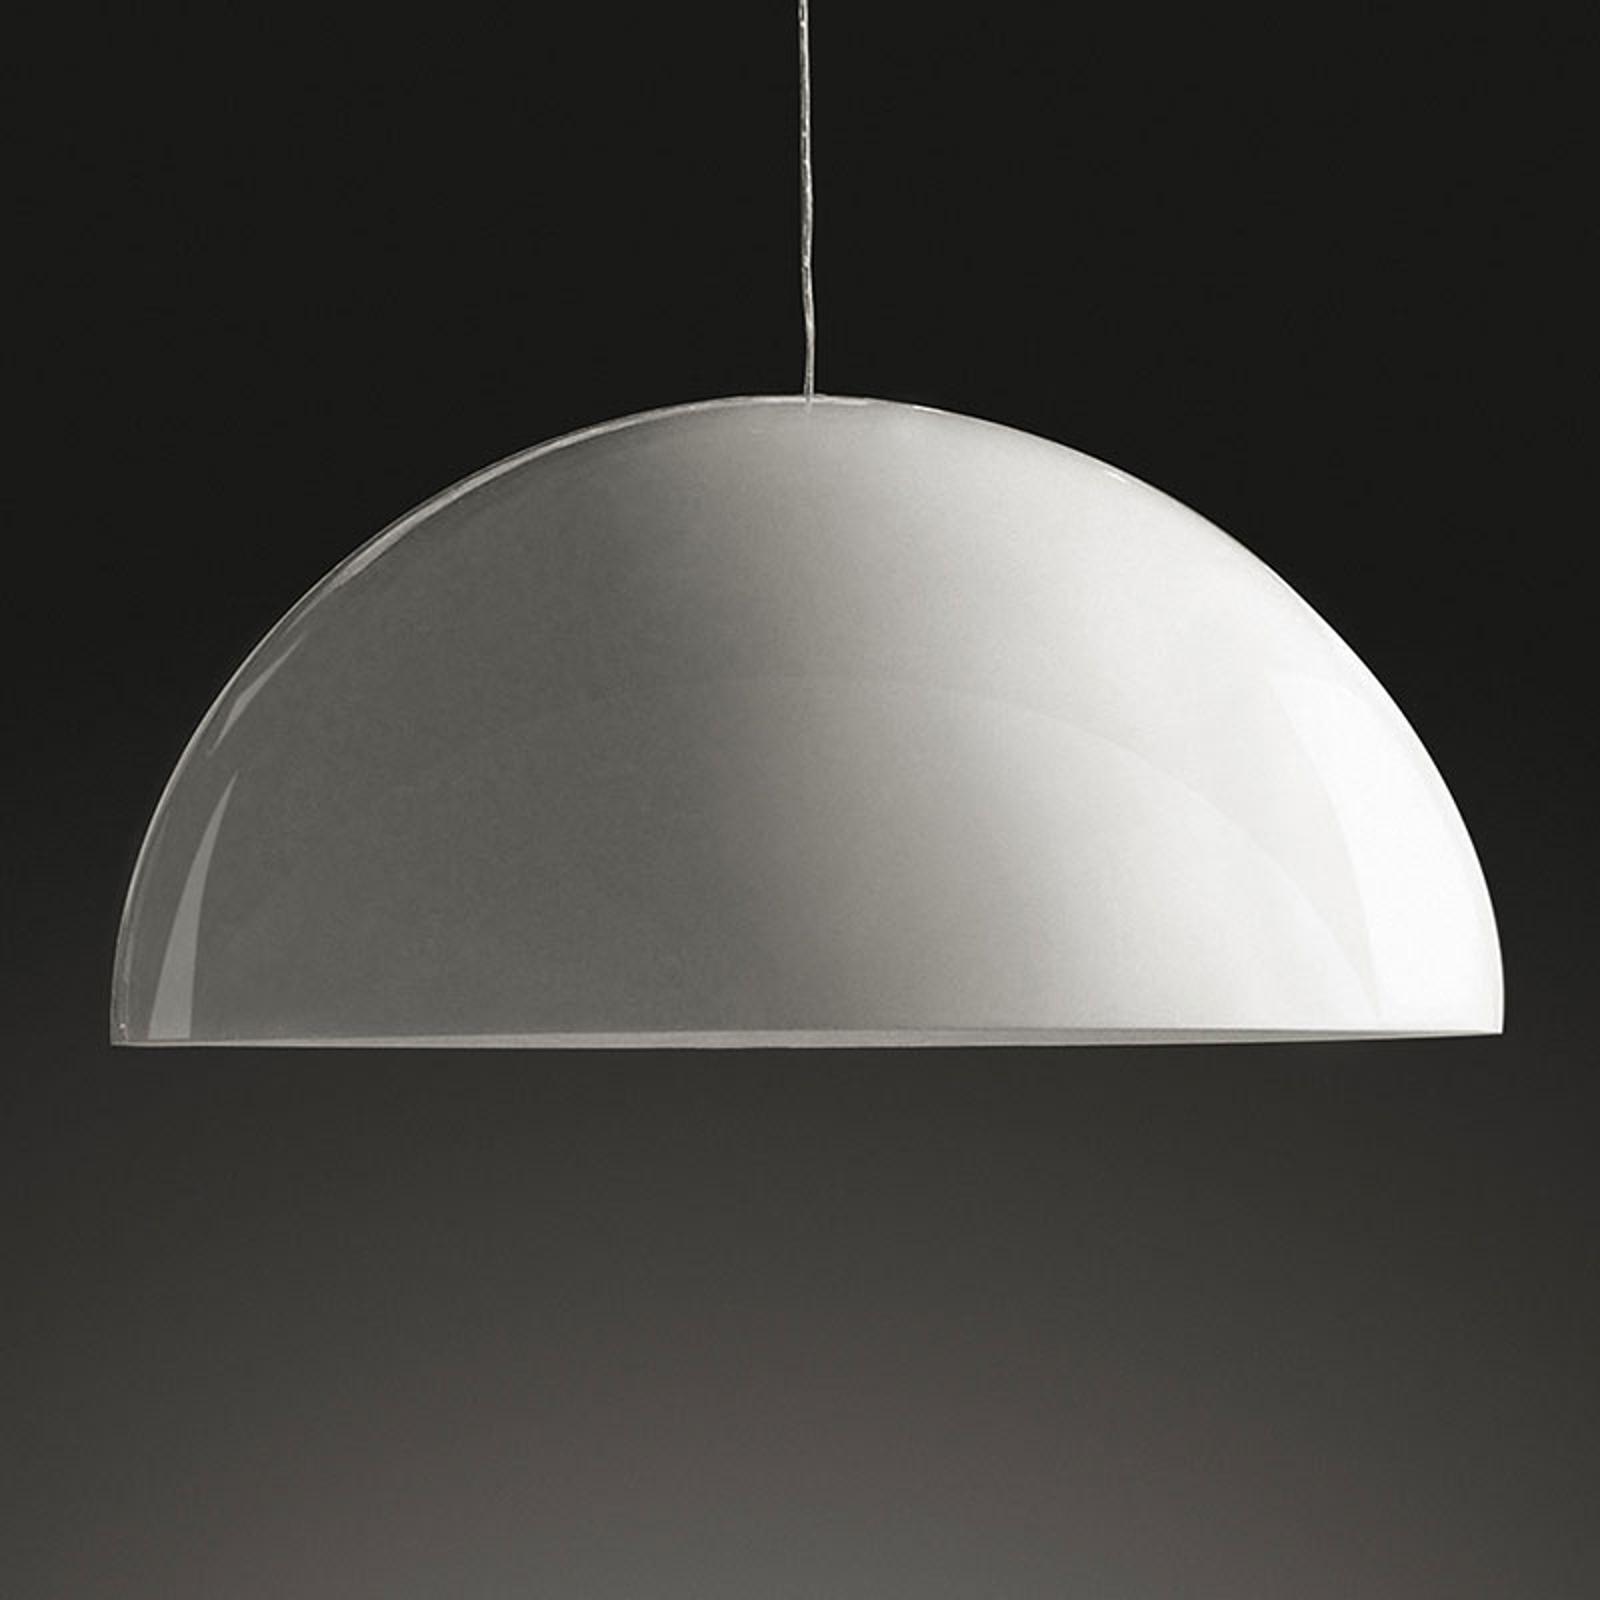 Oluce Sonora - wit gelakte hanglamp